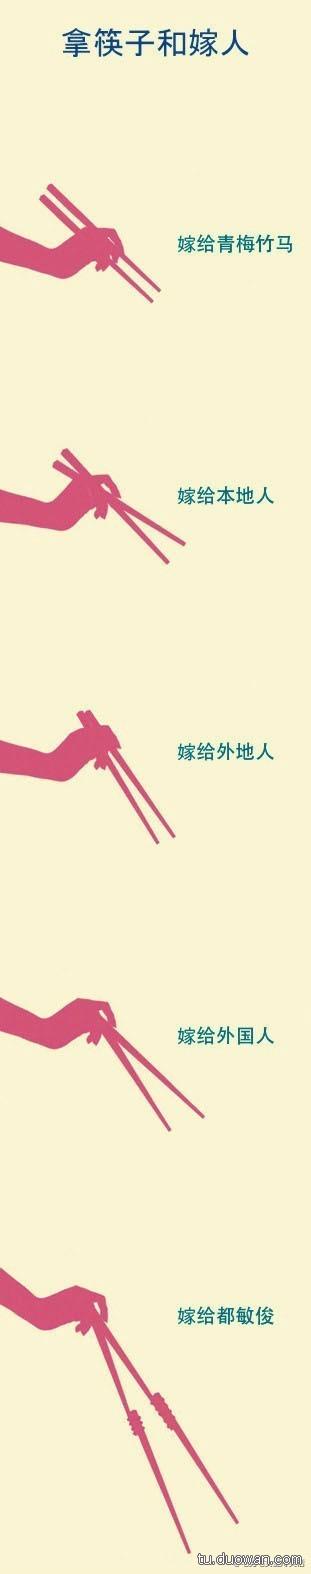 传统文化:女的拿筷子离尖多远就嫁多远